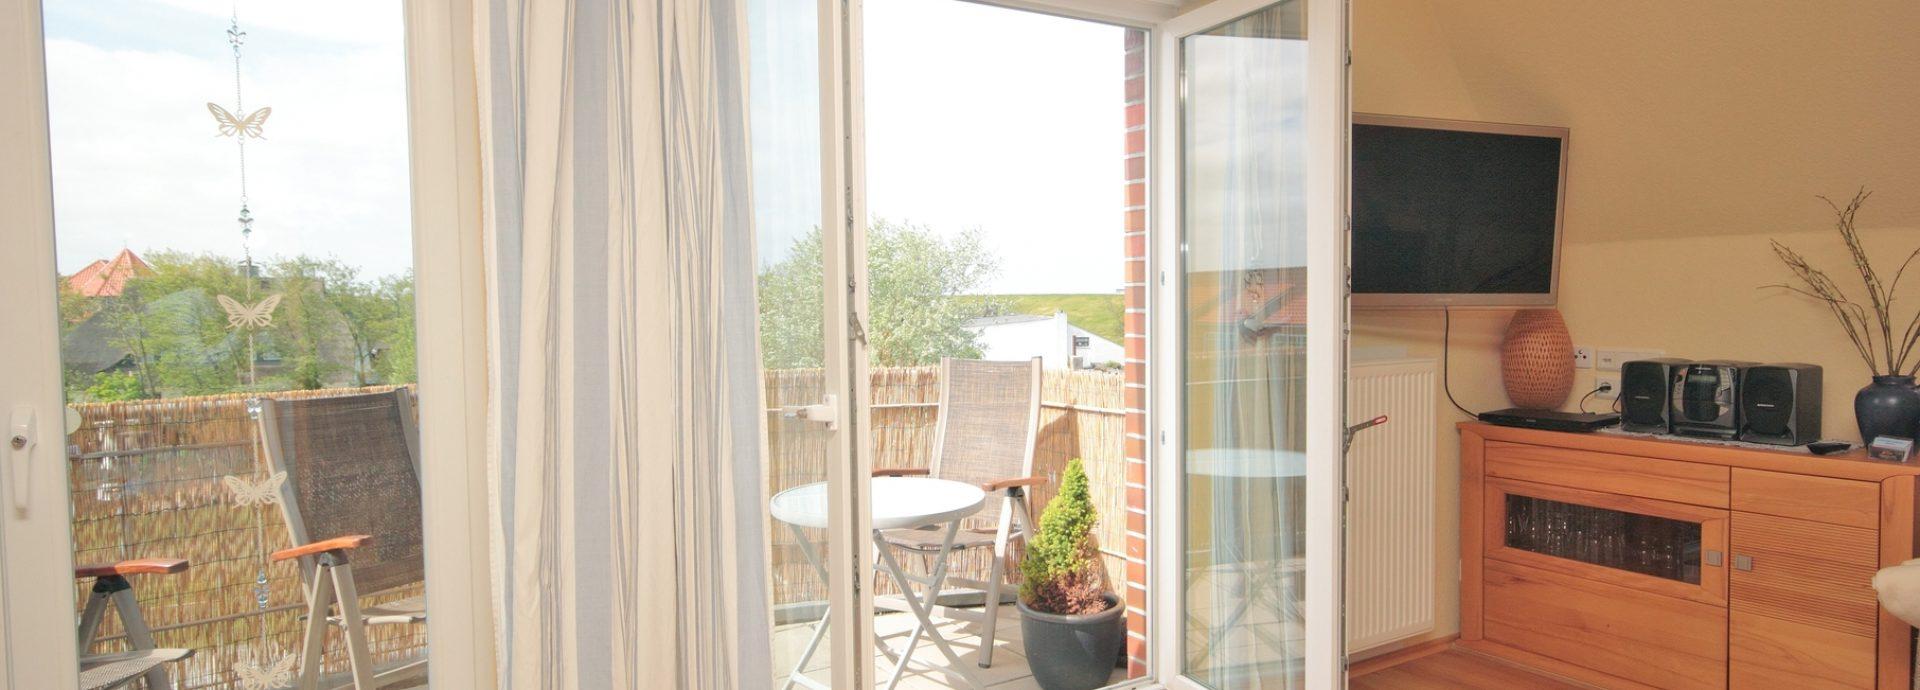 Balkon mit Blick auf die Nordsee